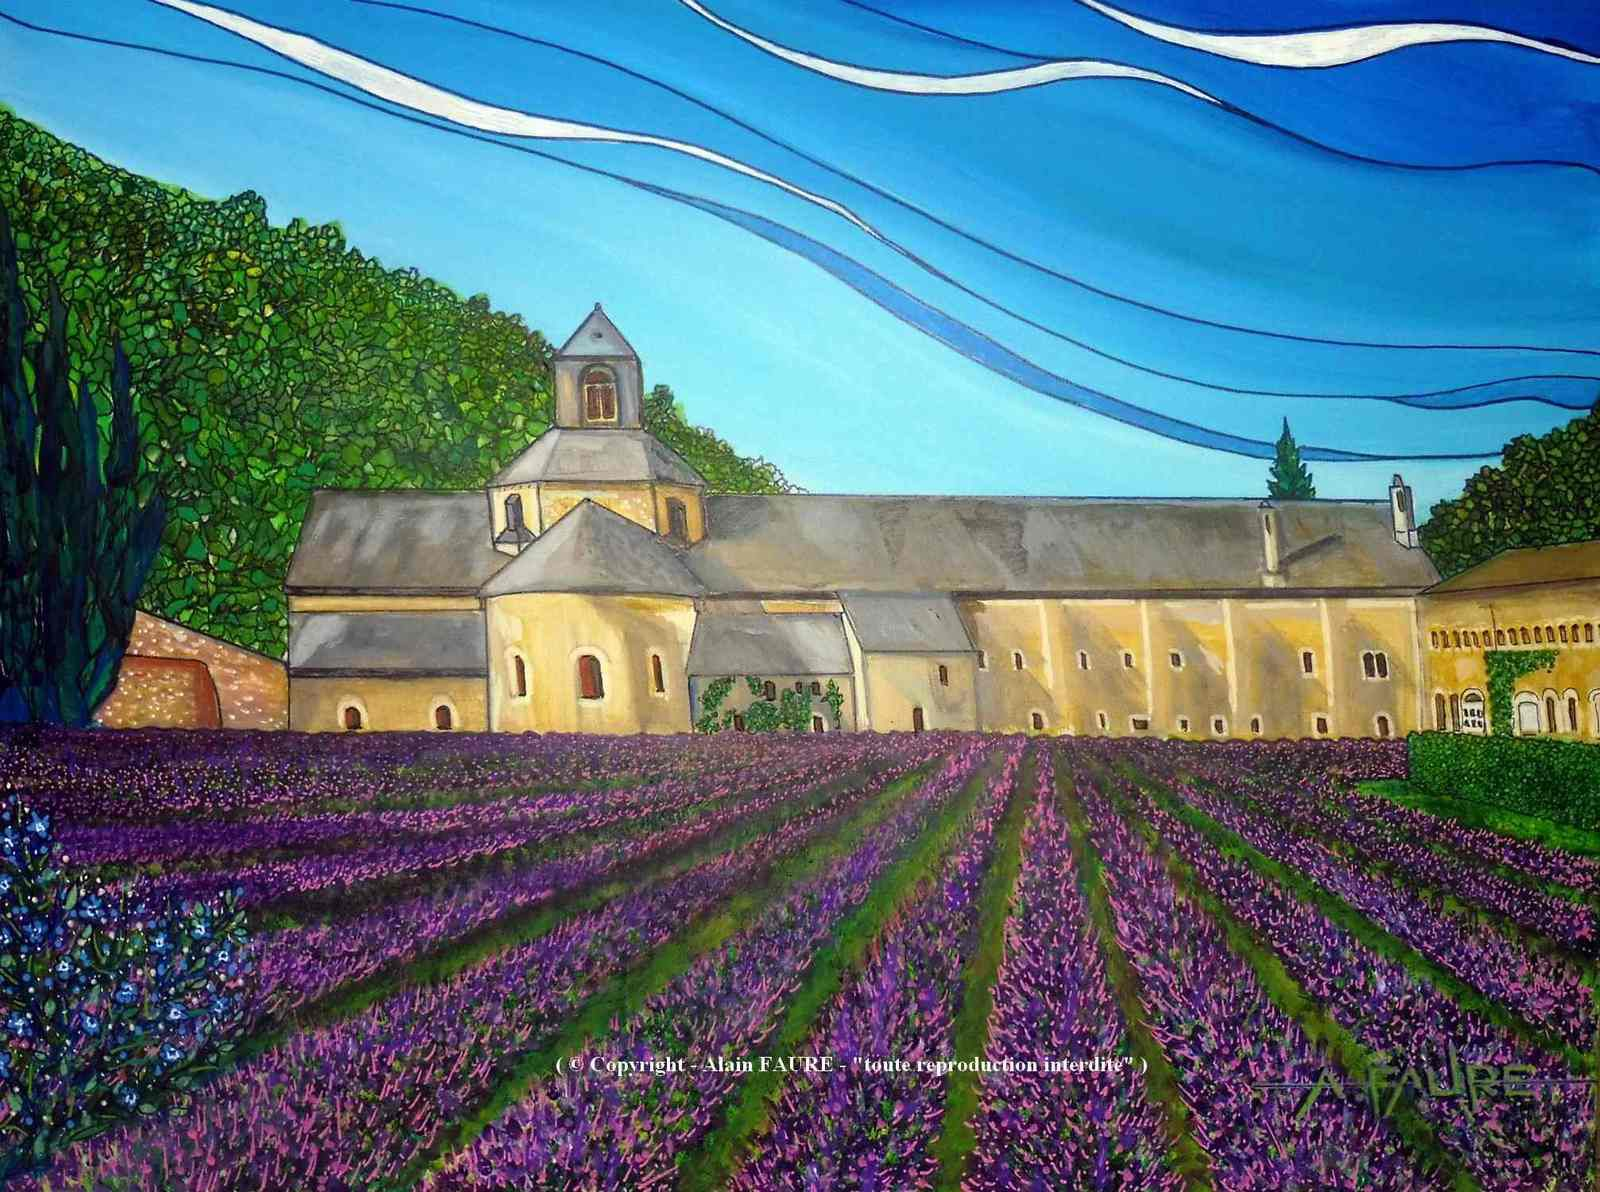 NOTRE DAME DE SENANQUE Acrylique sur Toile : 61 x 46 cm.....700 € -  C'est une abbaye enserrée depuis le 12ème siècle dans le creux d'un vallon provençal tout près de la commune de Gordes classée parmi les plus beaux villages de France. Quelques moines continuent de vivre, prier et travailler dans ce lieu de paix et de beauté. Son architecture cistercienne se situe dans la lignée des autres édifices comparables comme ceux de Thoronet, Silvacane et Aiguebelle.